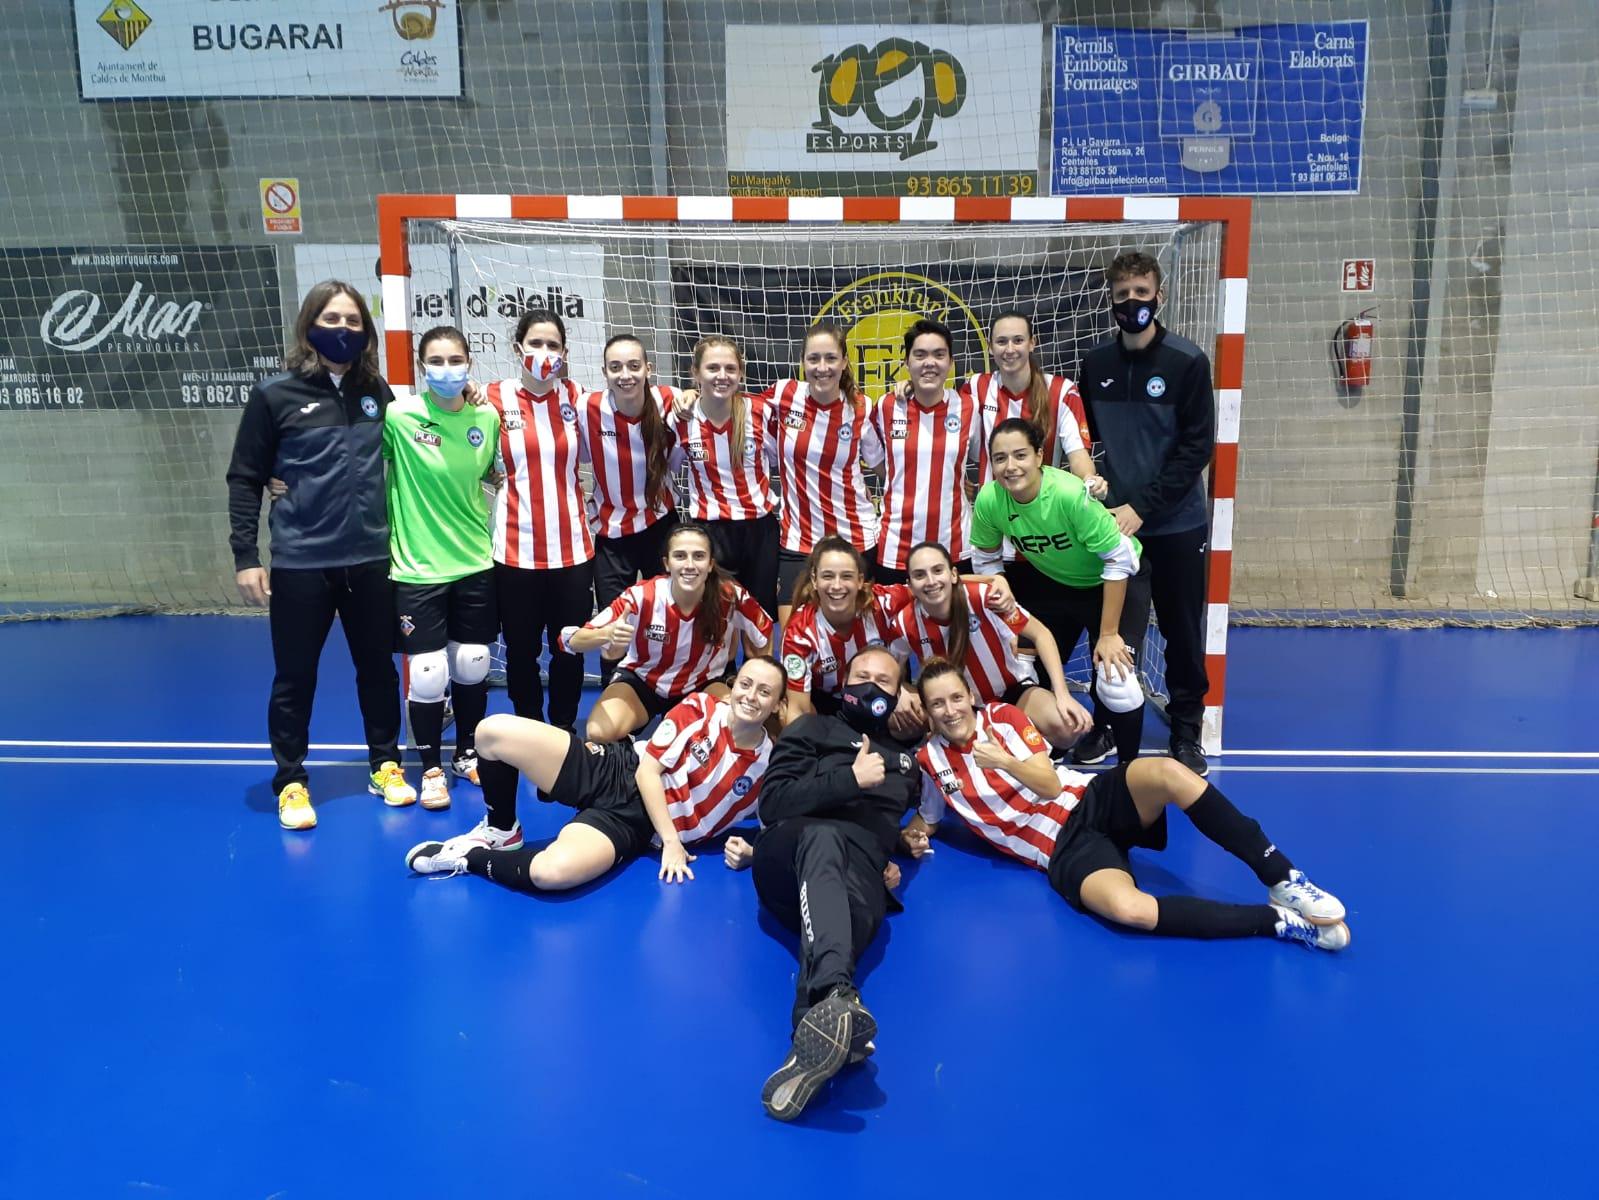 Crónica del Partido: CN Caldes - AE Penya Esplugues La Penya Esplugues gana a Caldes (0-4) y avanza con paso firme en la Copa de la Reina